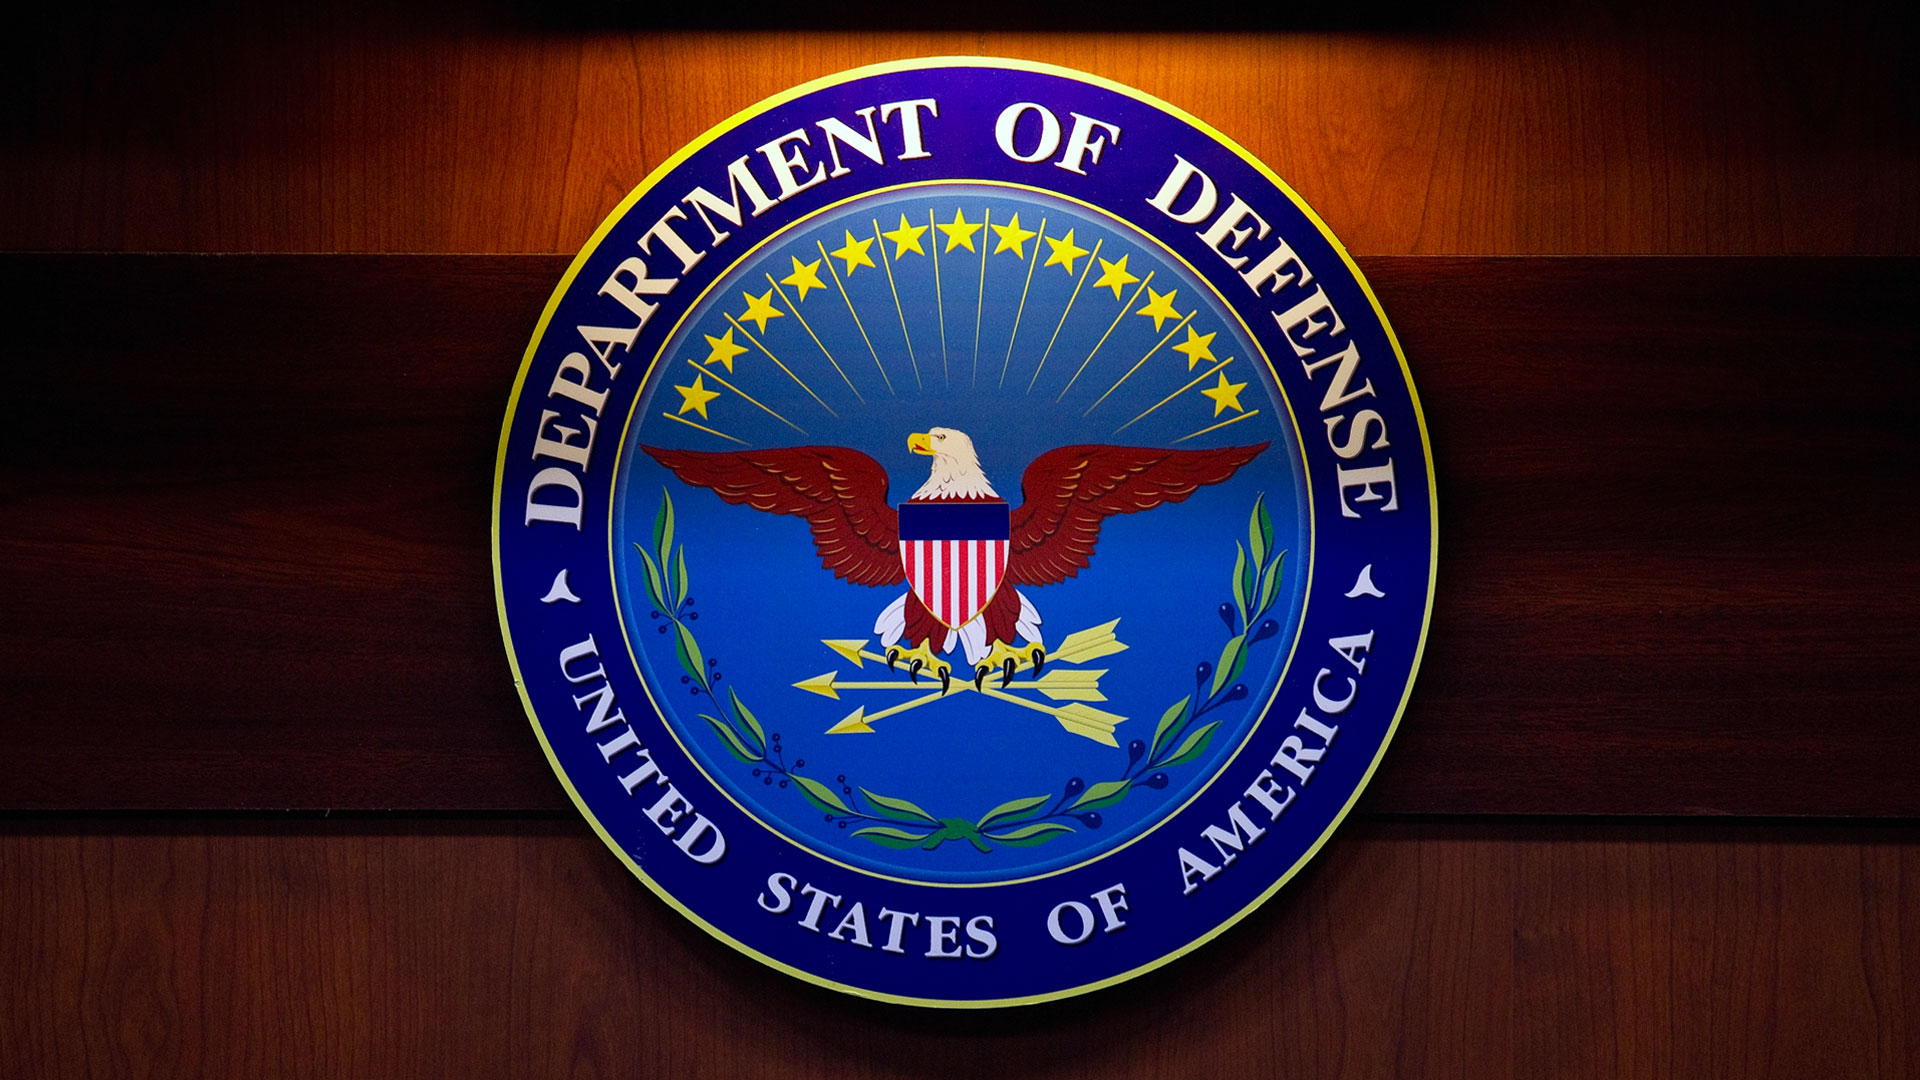 Departamento de Defensa de los Estados Unidos otorga un contrato para construir plataforma blockchain de seguridad para datos sensibles